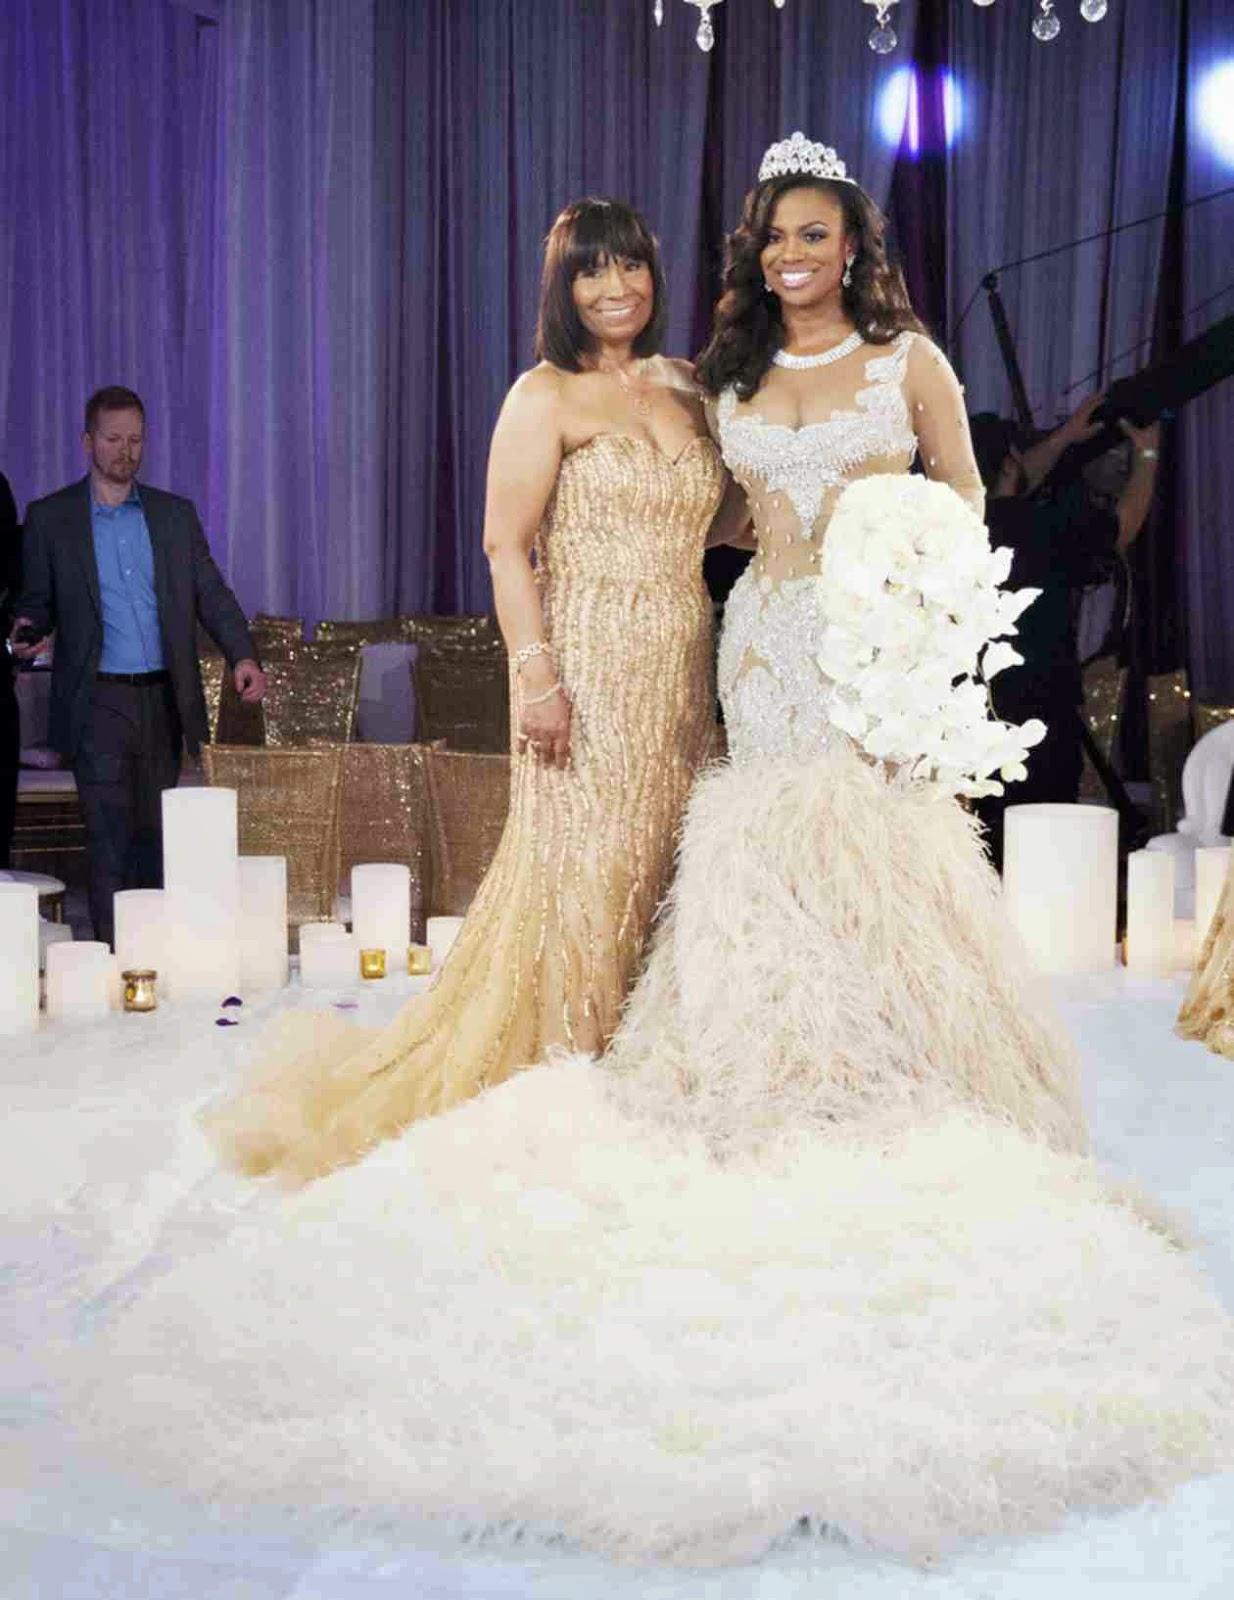 SEE MORE PHOTOS of Real Housewives of Atlanta's Kandi ...